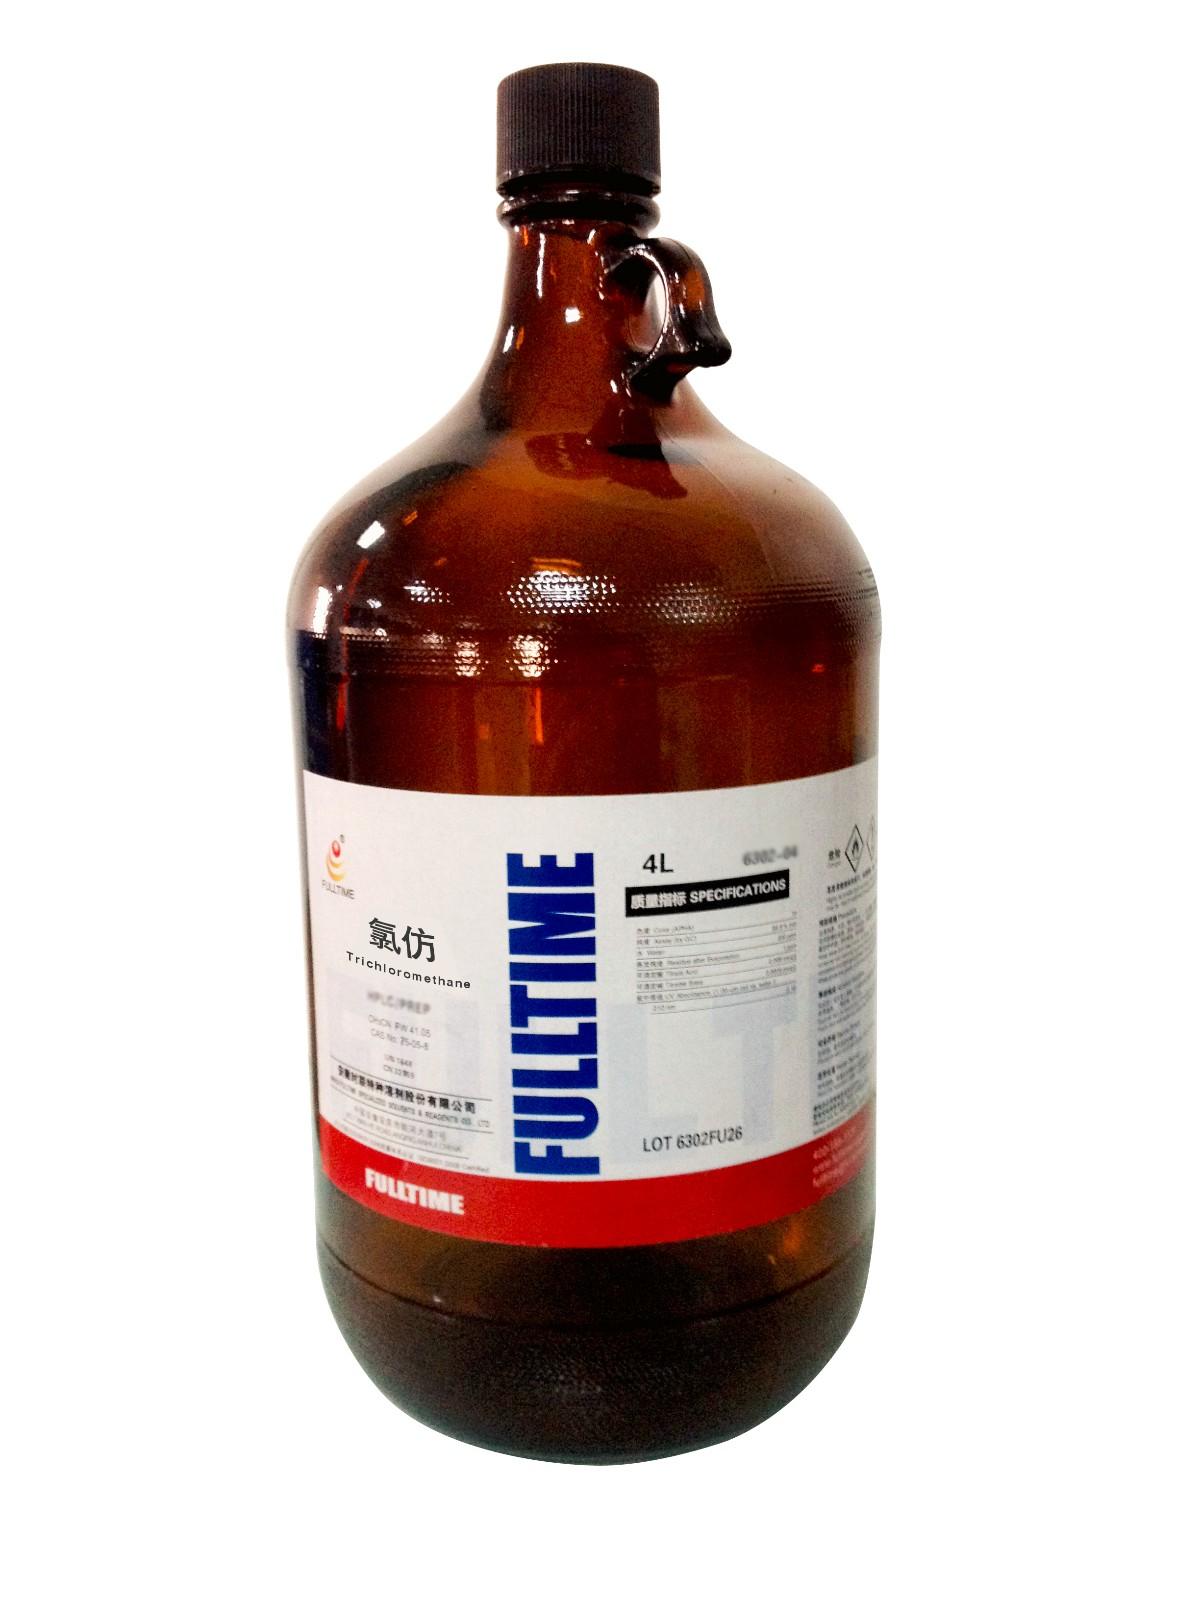 pyrazin-2-ylmethanethiol 95%